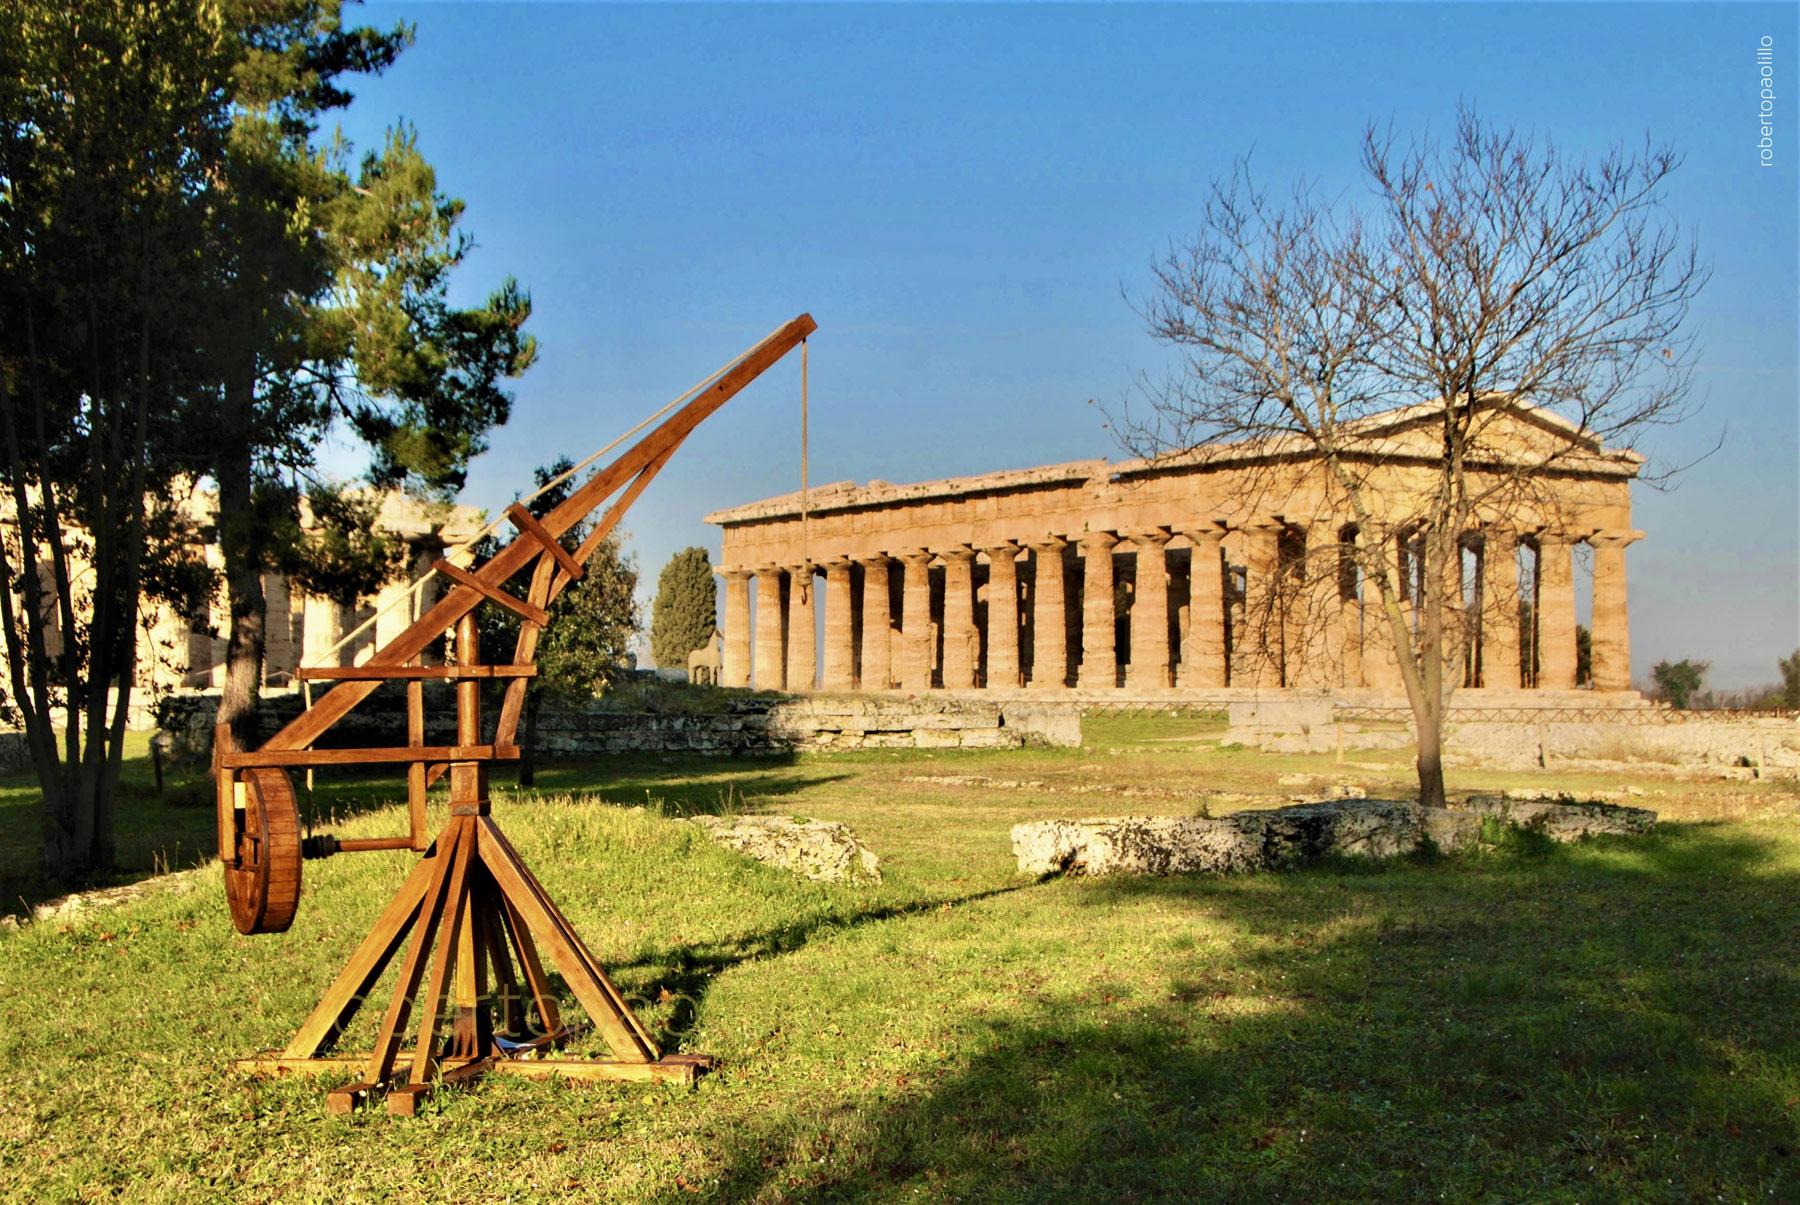 Al Parco Archeologico di Paestum nasce il Parco dei Piccoli, un parco giochi a tema archeologico vicino ai templi